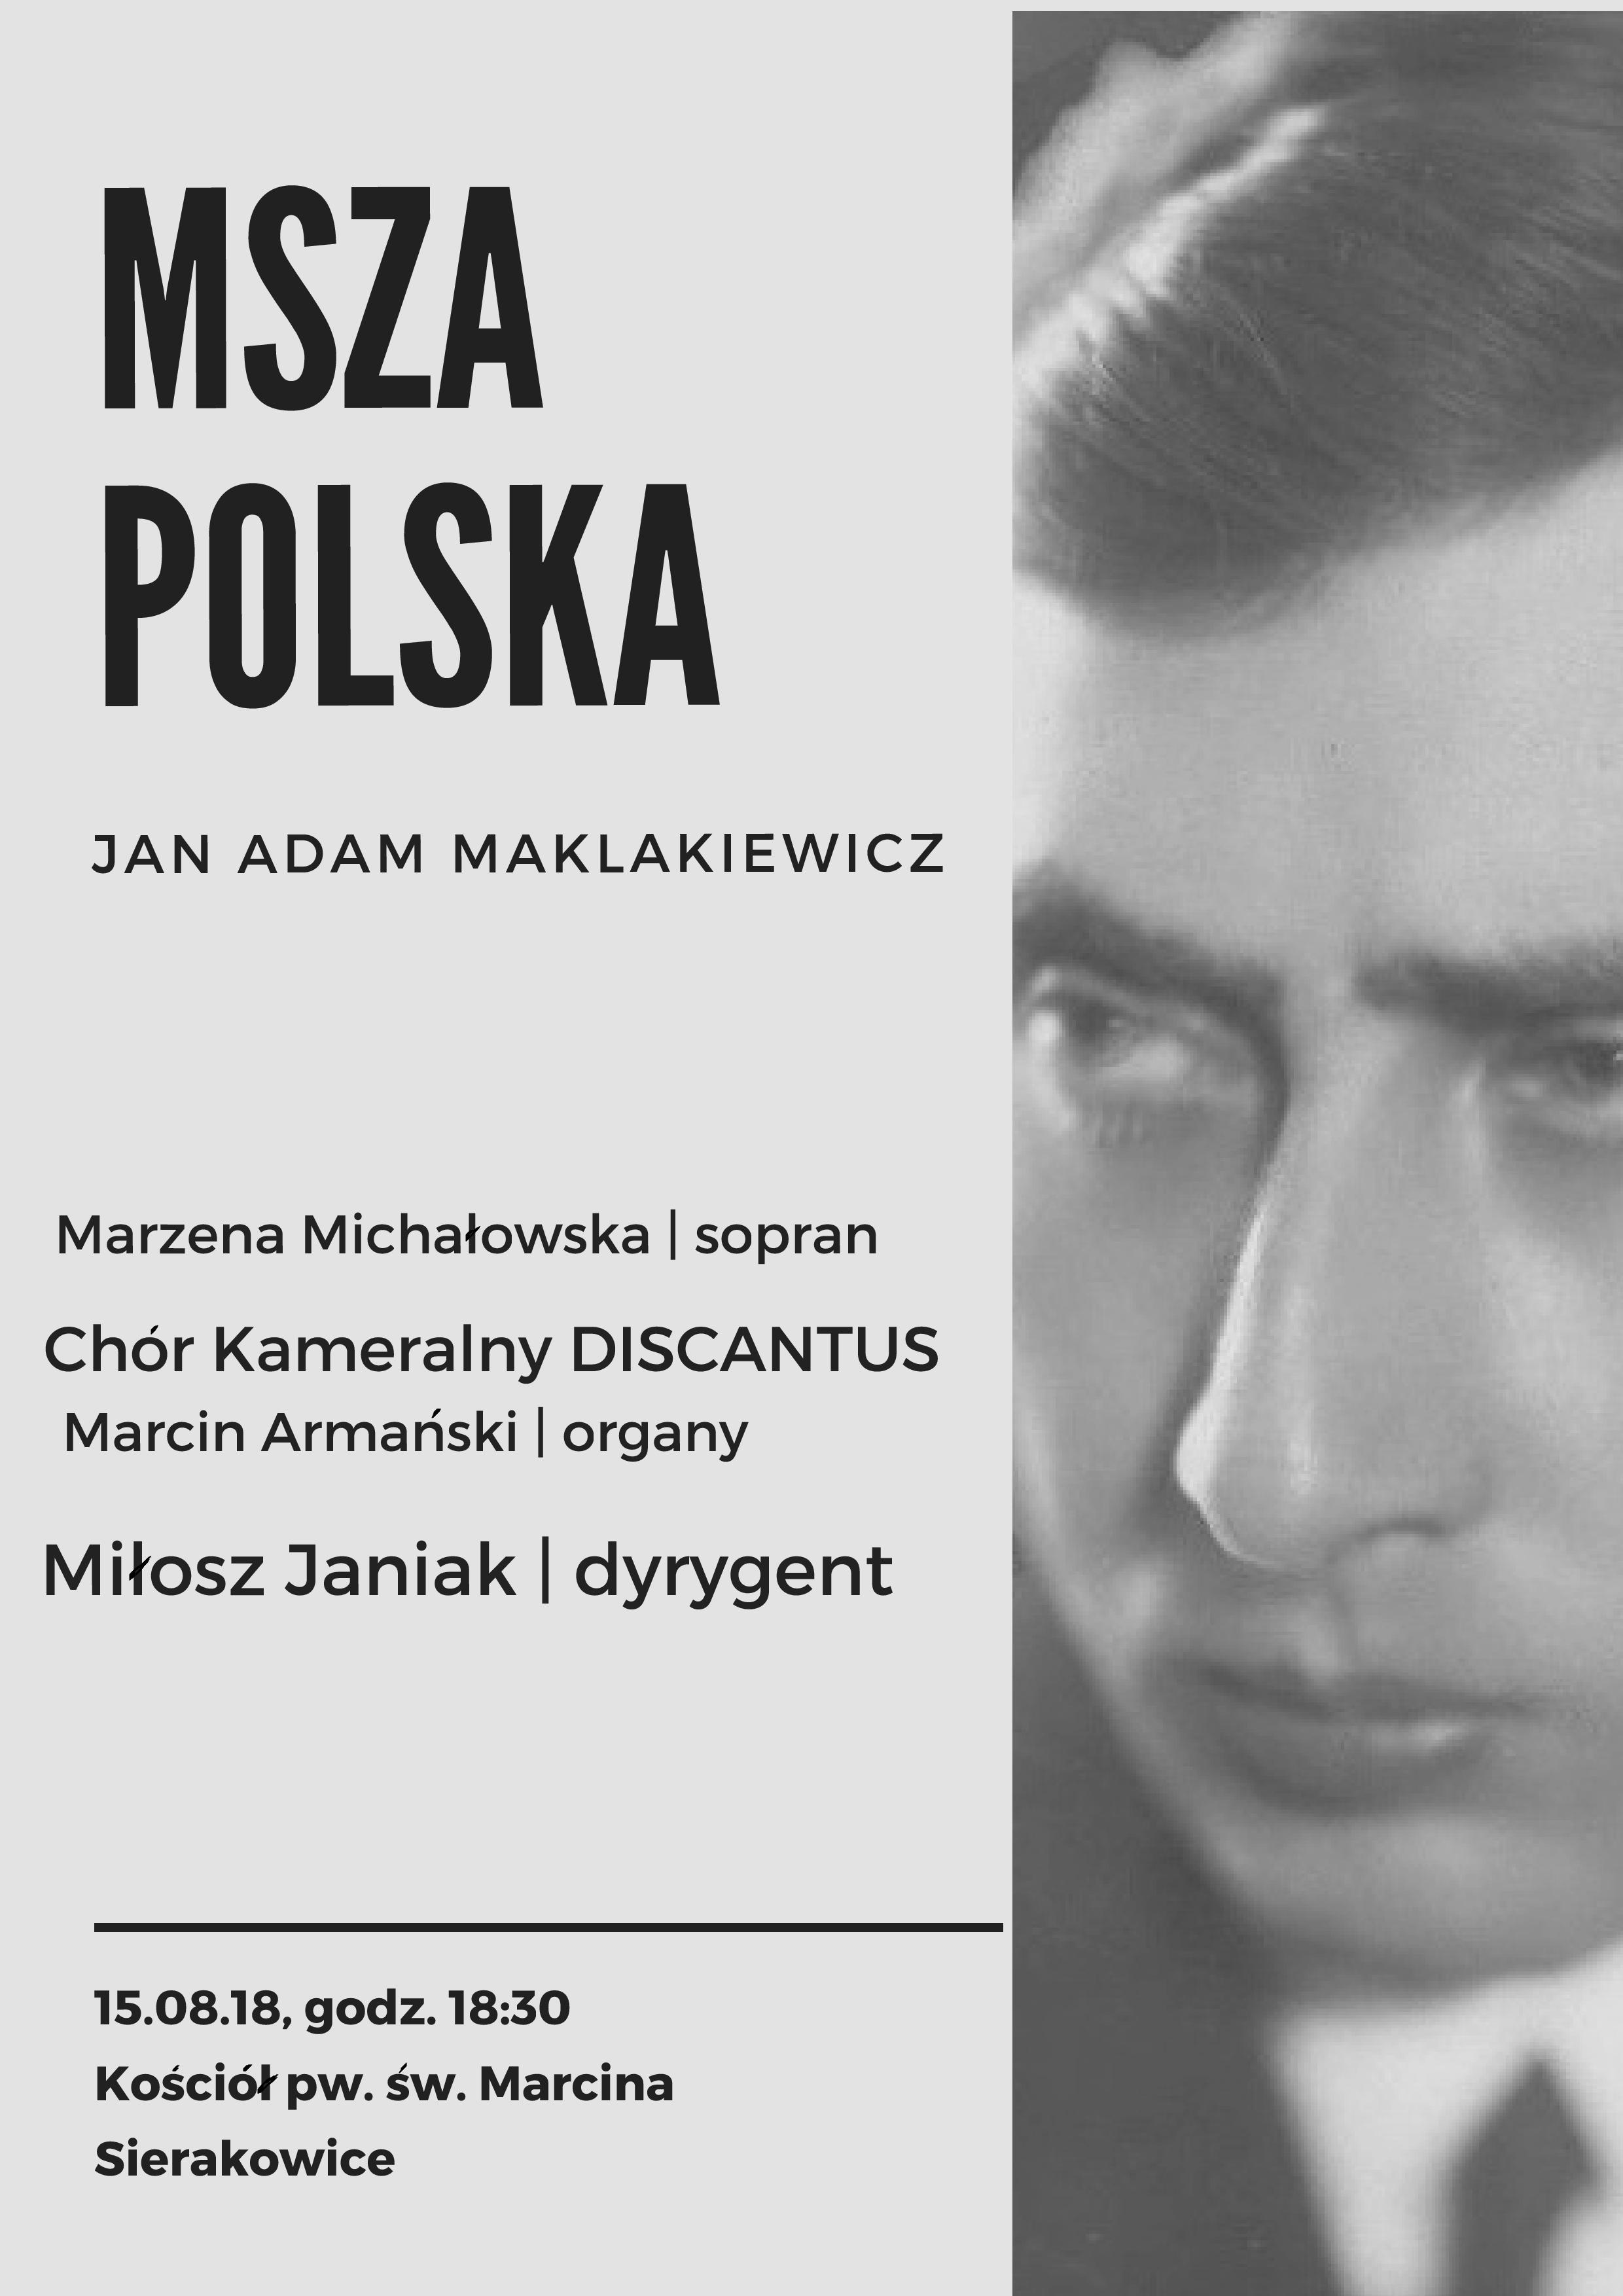 """Koncert chóru Discantus - """"Msza polska"""" Jana Adama Maklakiewicza"""